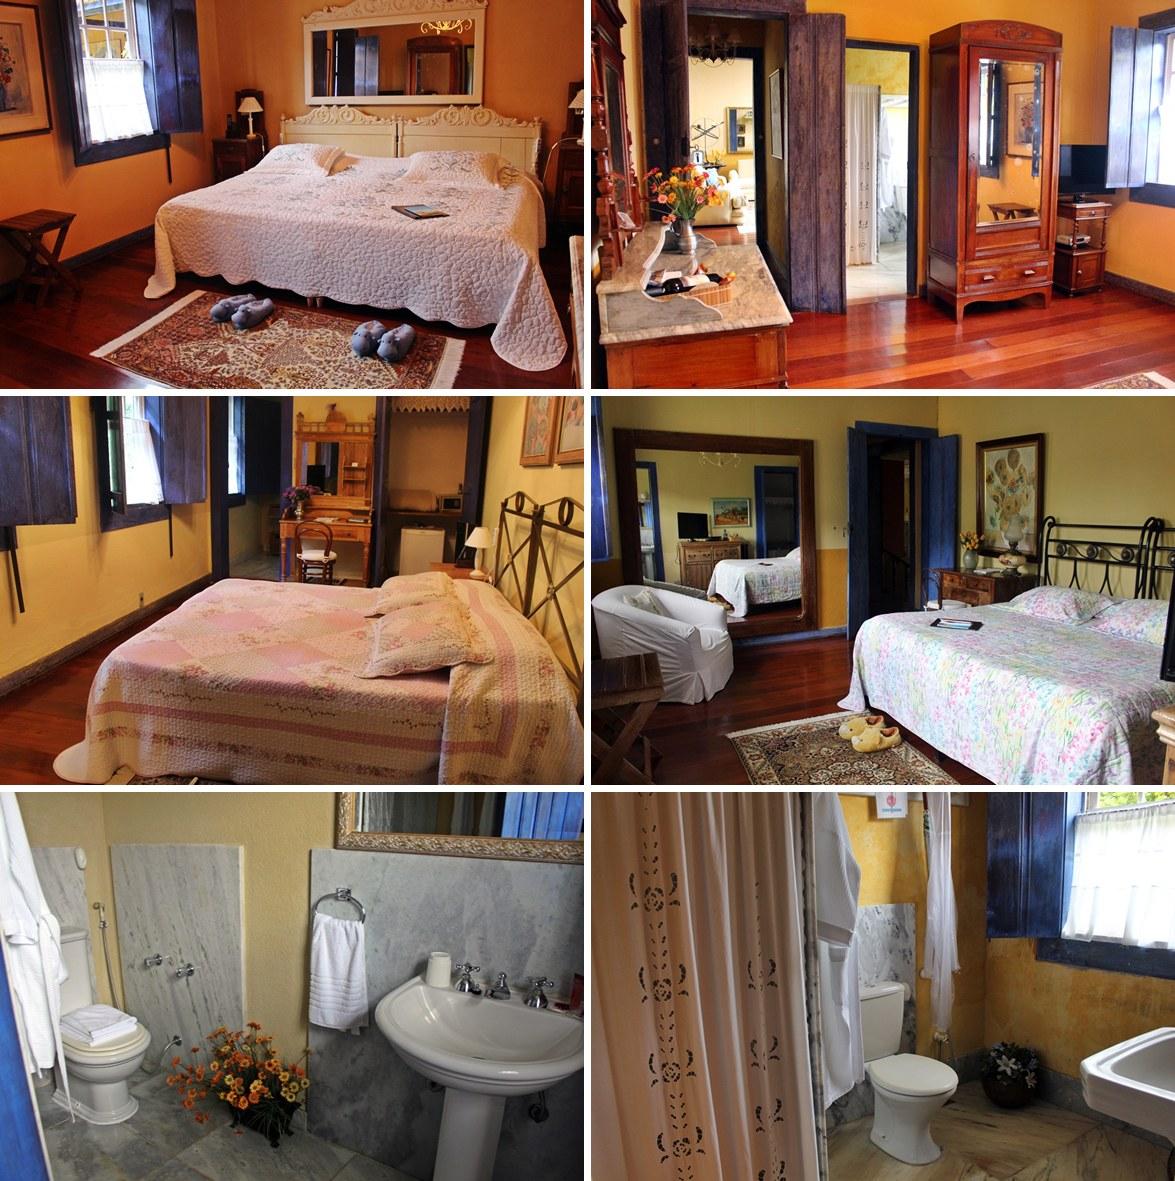 Quartos e banheiros da Casa Sede, na Fazenda Santa Marina, todos com mobília de época.